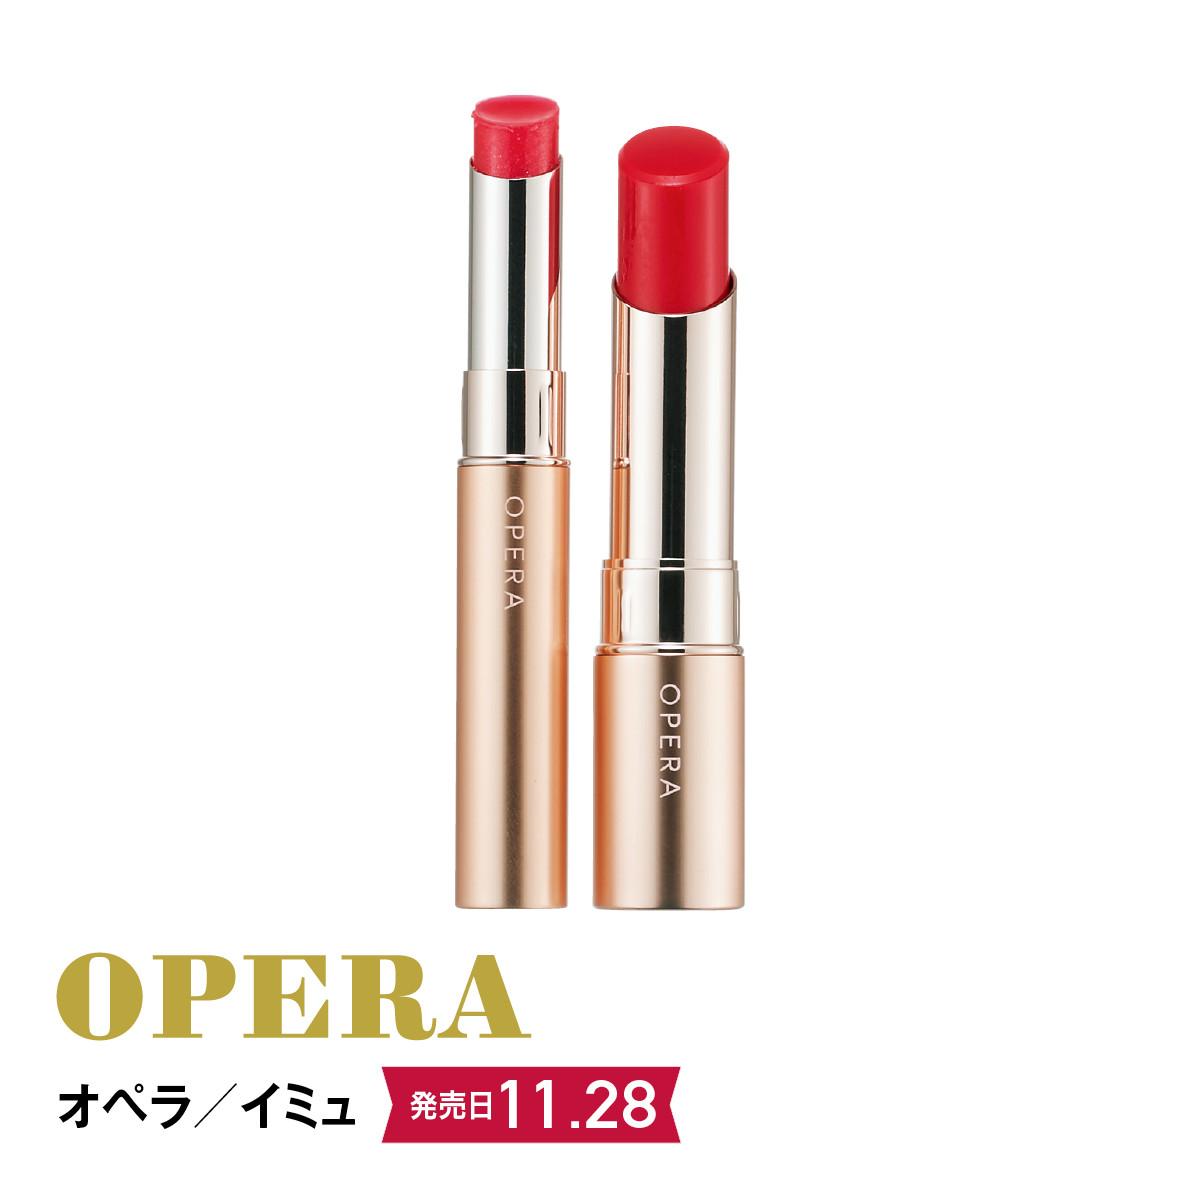 2019クリスマスコフレ&限定品:OPERA/オペラ